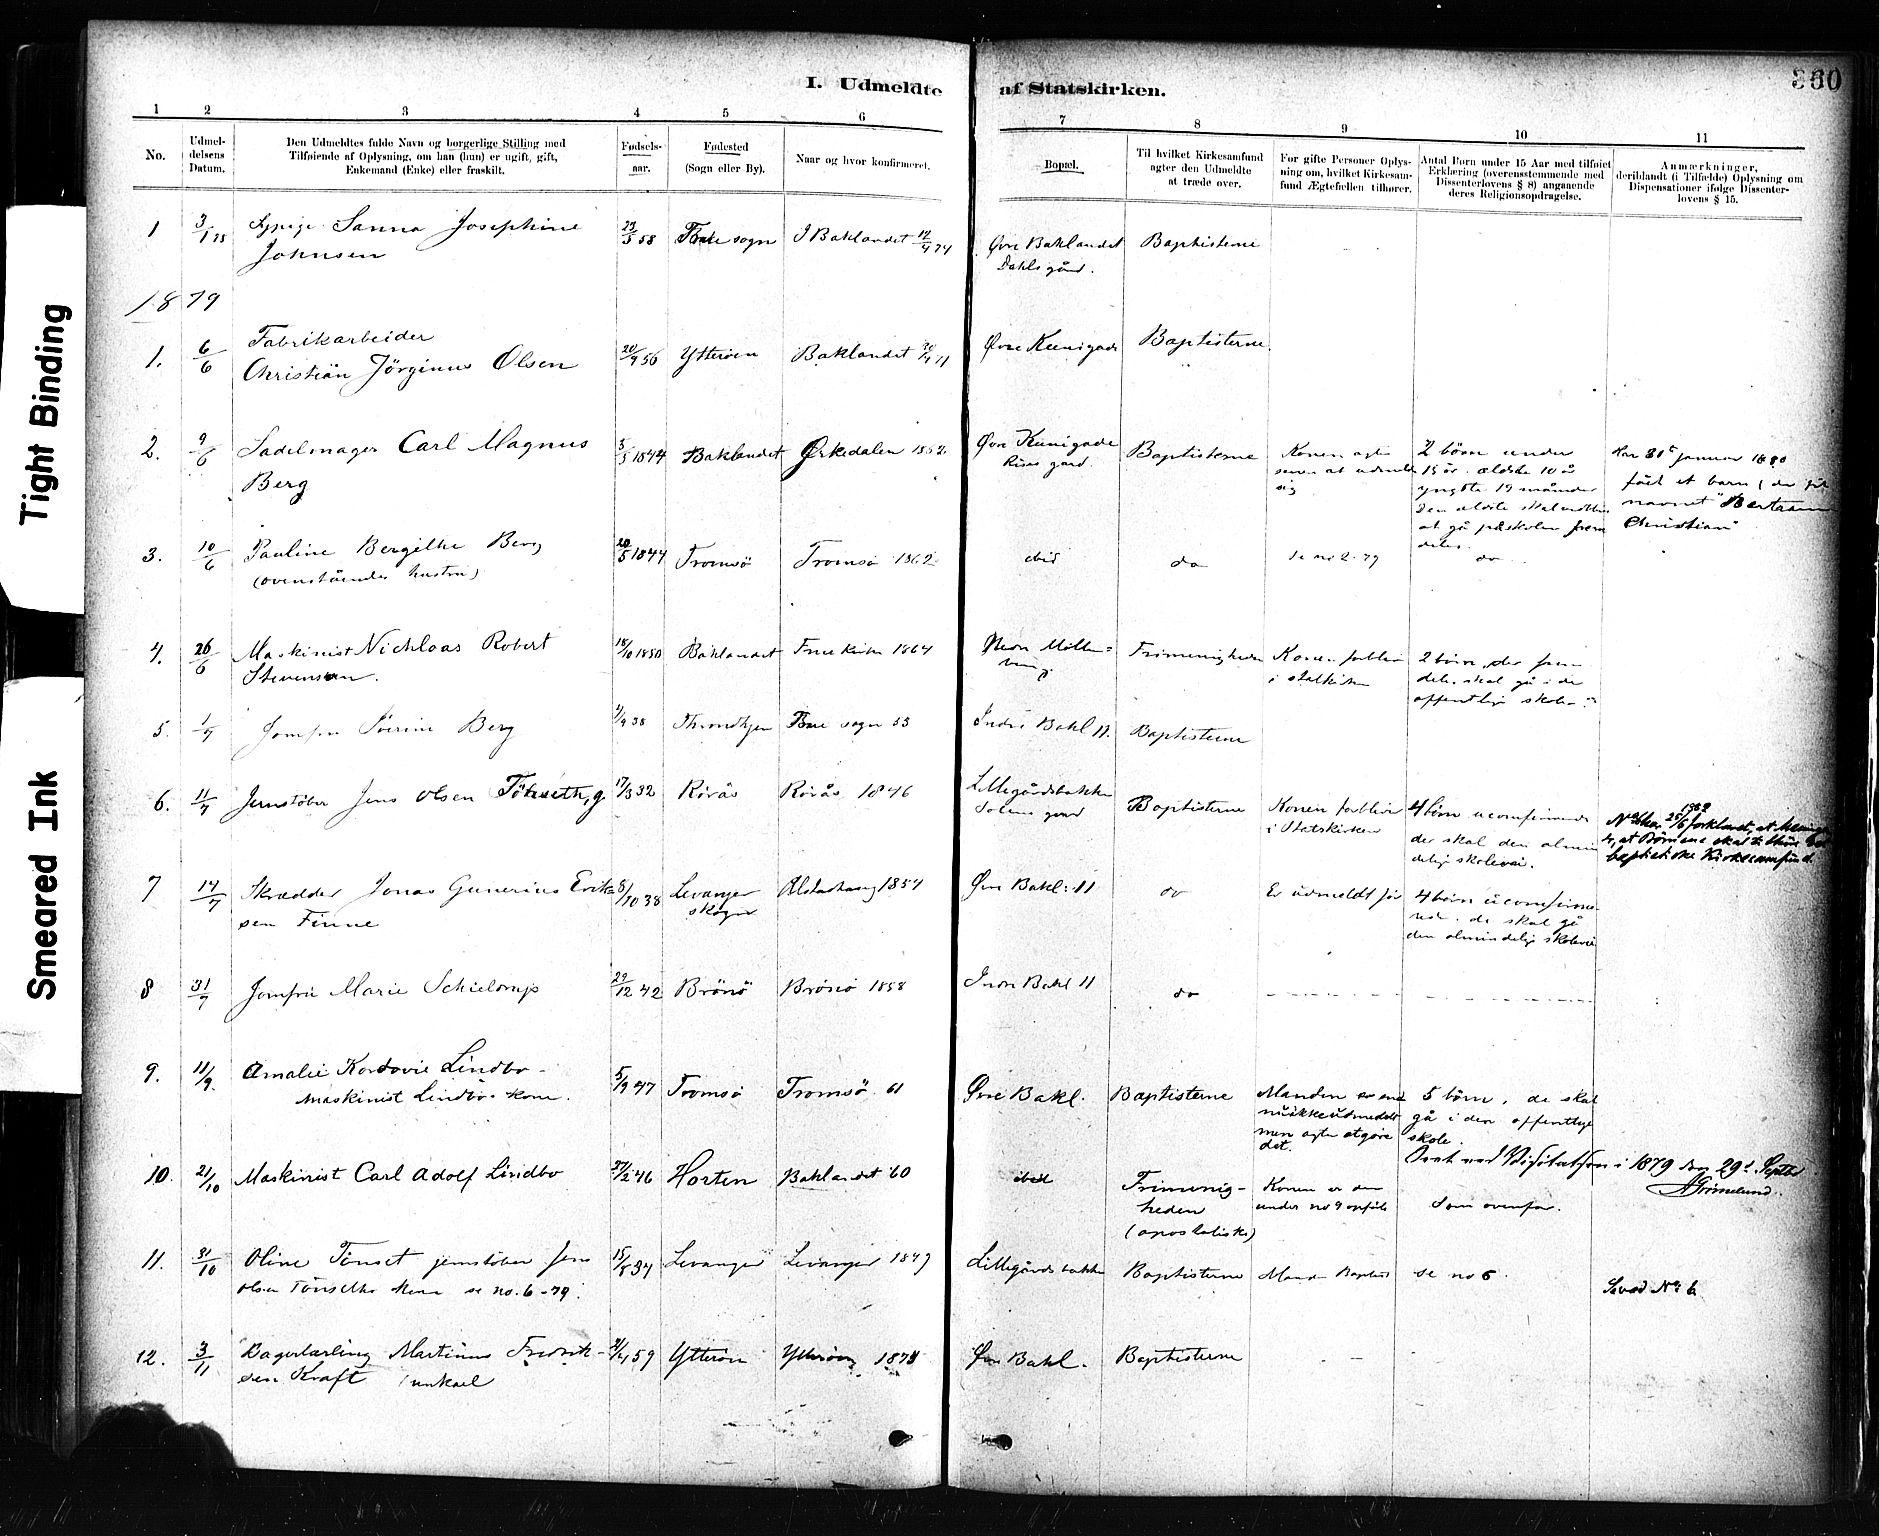 SAT, Ministerialprotokoller, klokkerbøker og fødselsregistre - Sør-Trøndelag, 604/L0189: Ministerialbok nr. 604A10, 1878-1892, s. 360